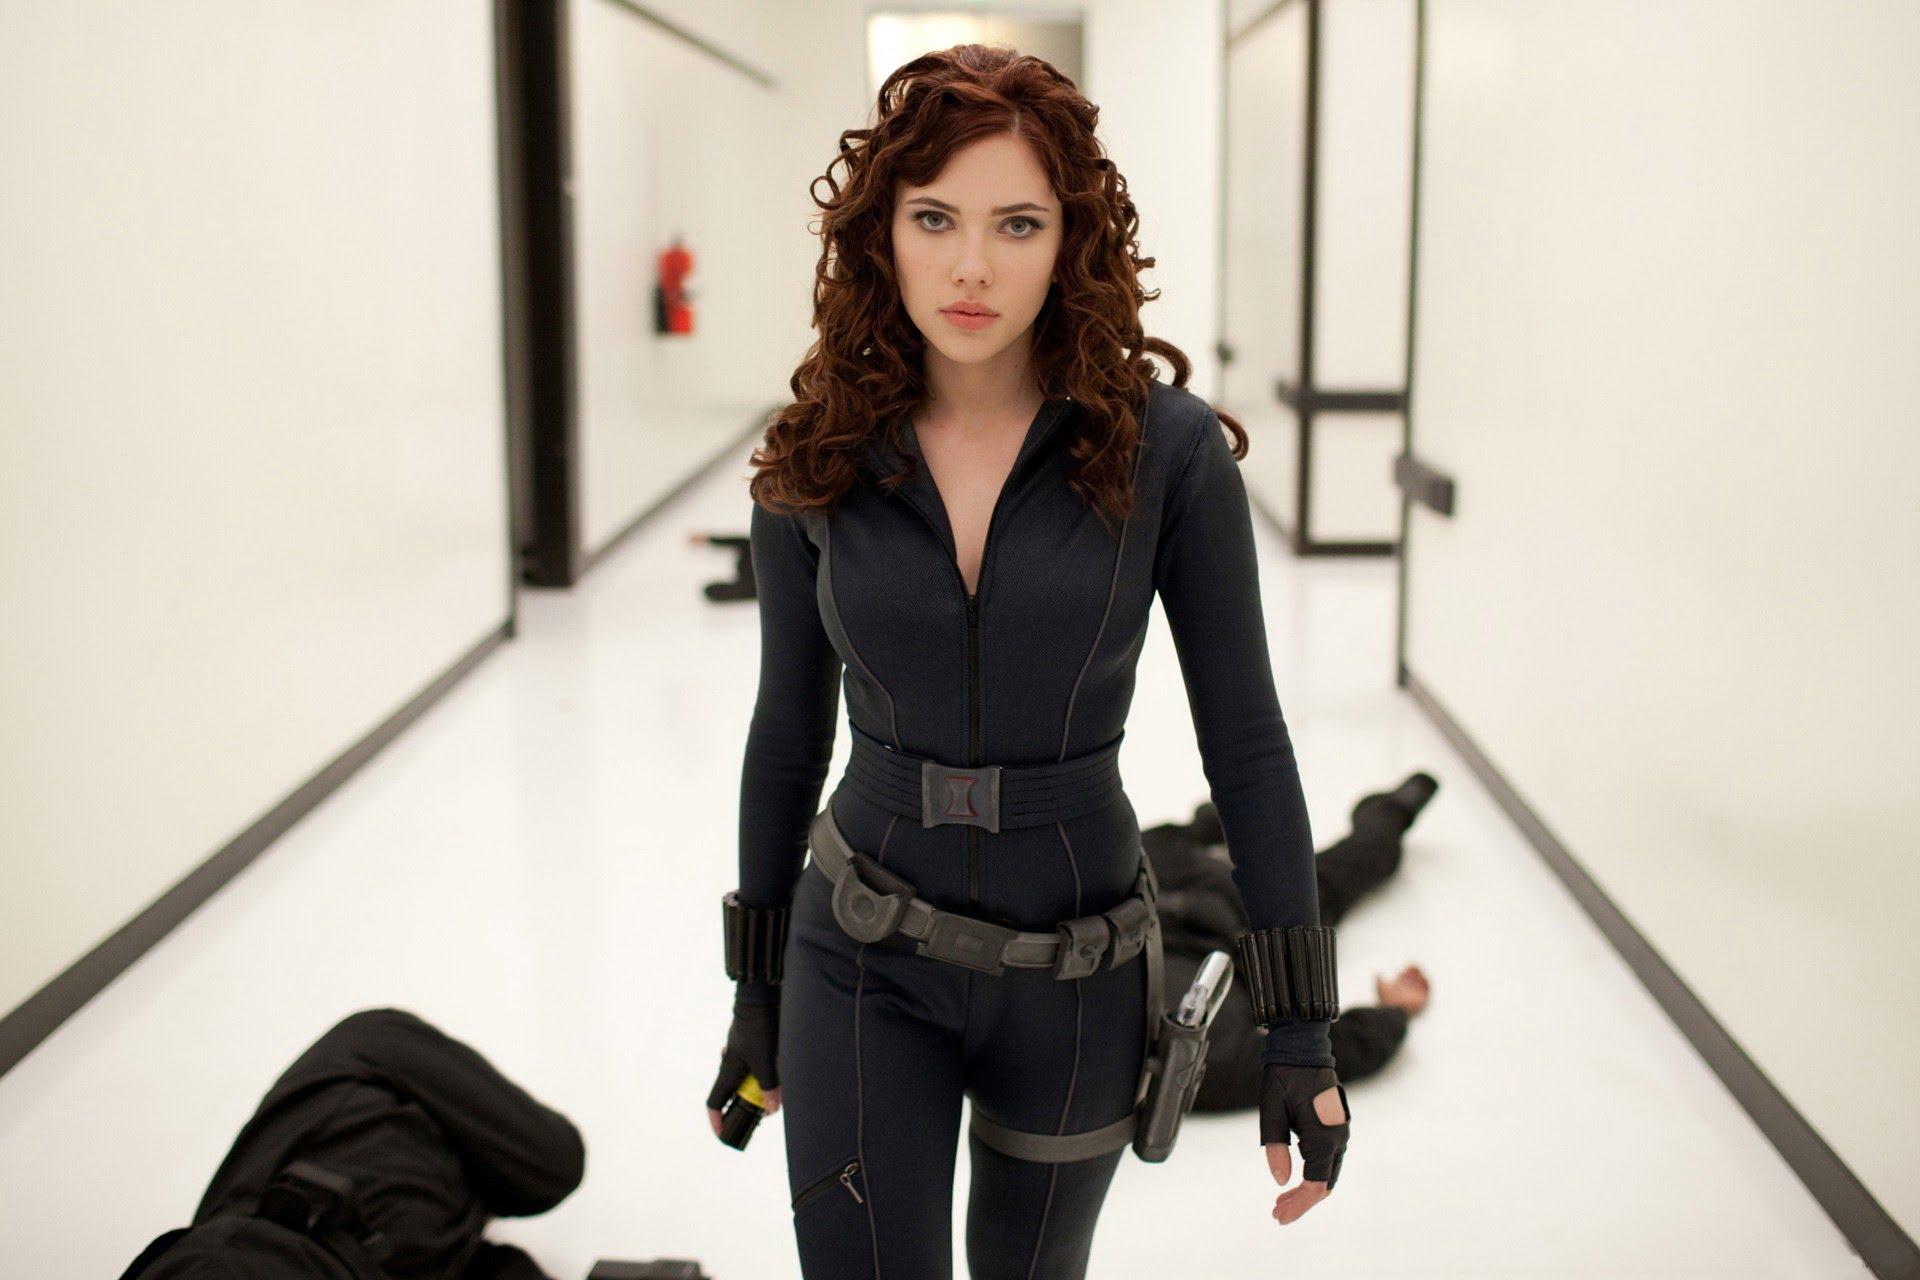 Black Widow superheroes